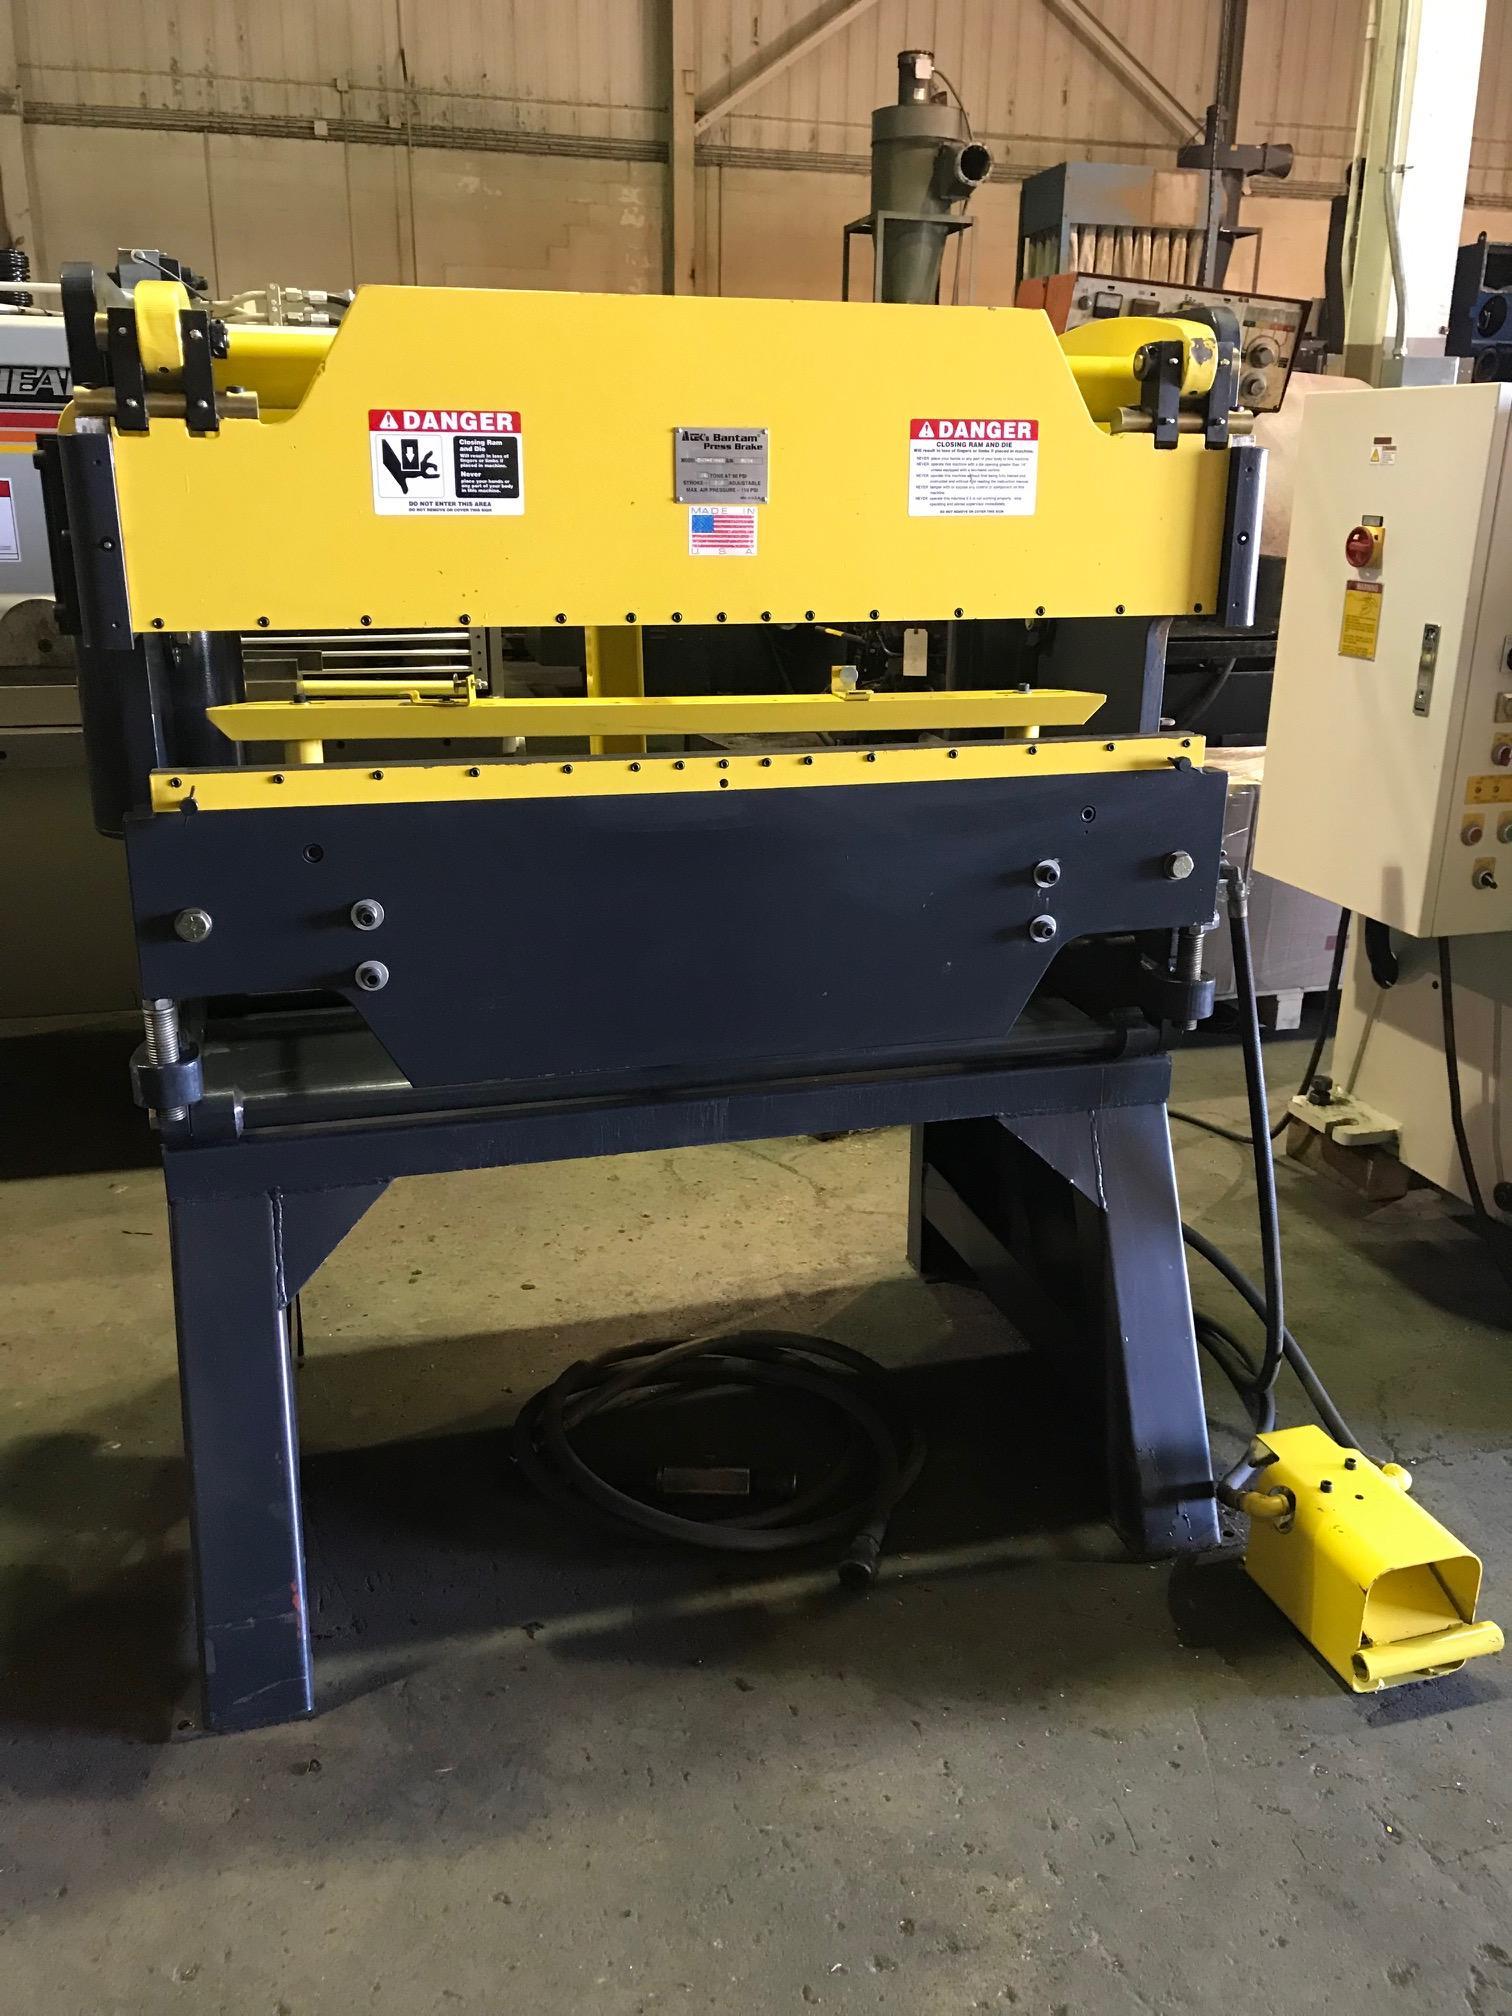 USED ATEK / BANTAM MODEL 4240 4' X 24 TON PNEUMATIC PRESS BRAKE, STK# 10629, YEAR 2012